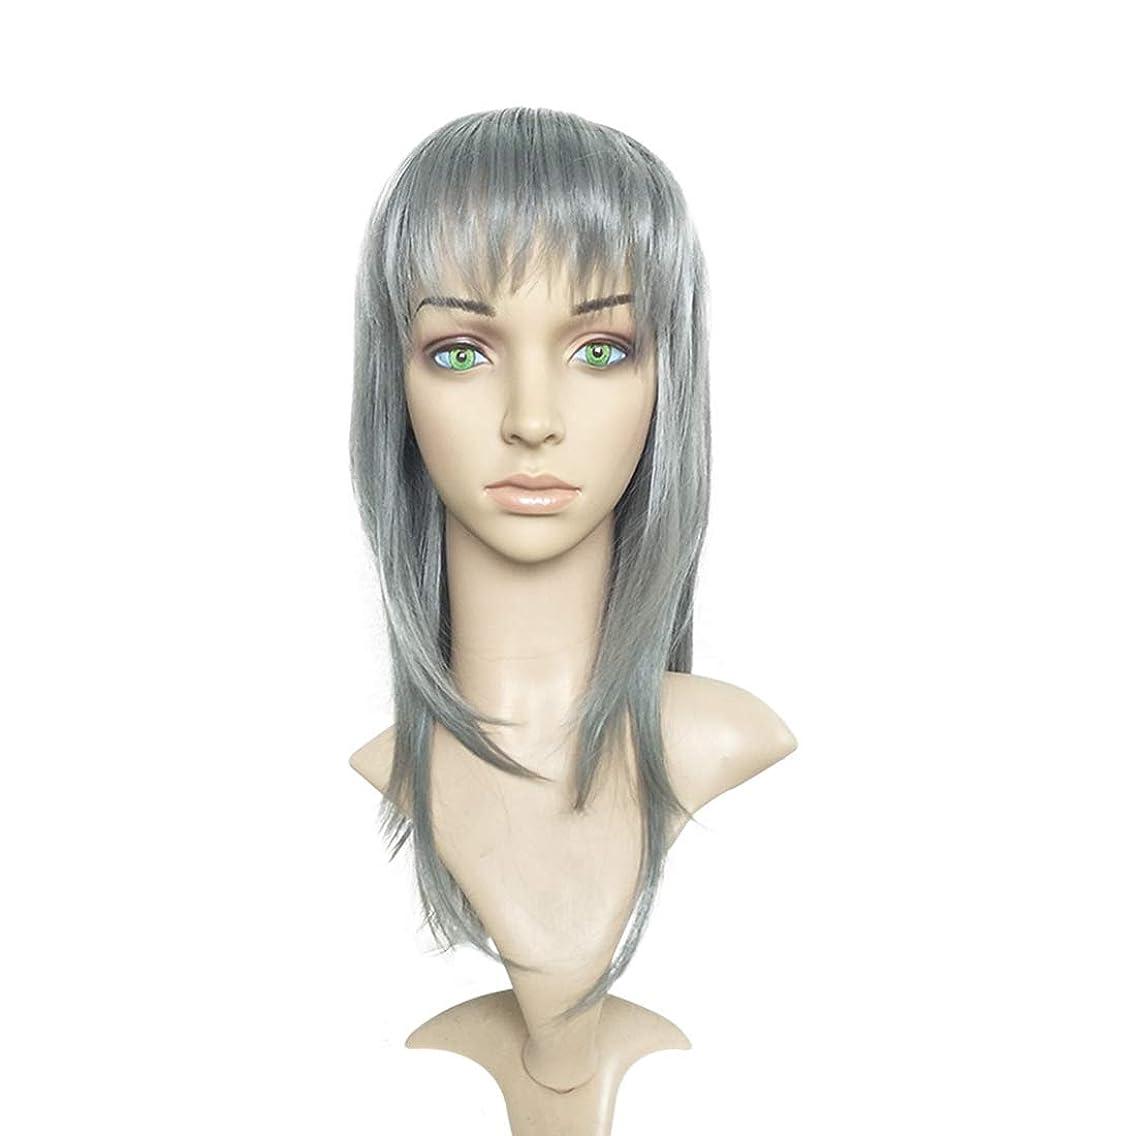 身元検索助手JIANFU ヨーロッパとアメリカのパーティーウィッグシルバーグレーブロークンバングストレートヘアウィッグ (Color : Silver gray)